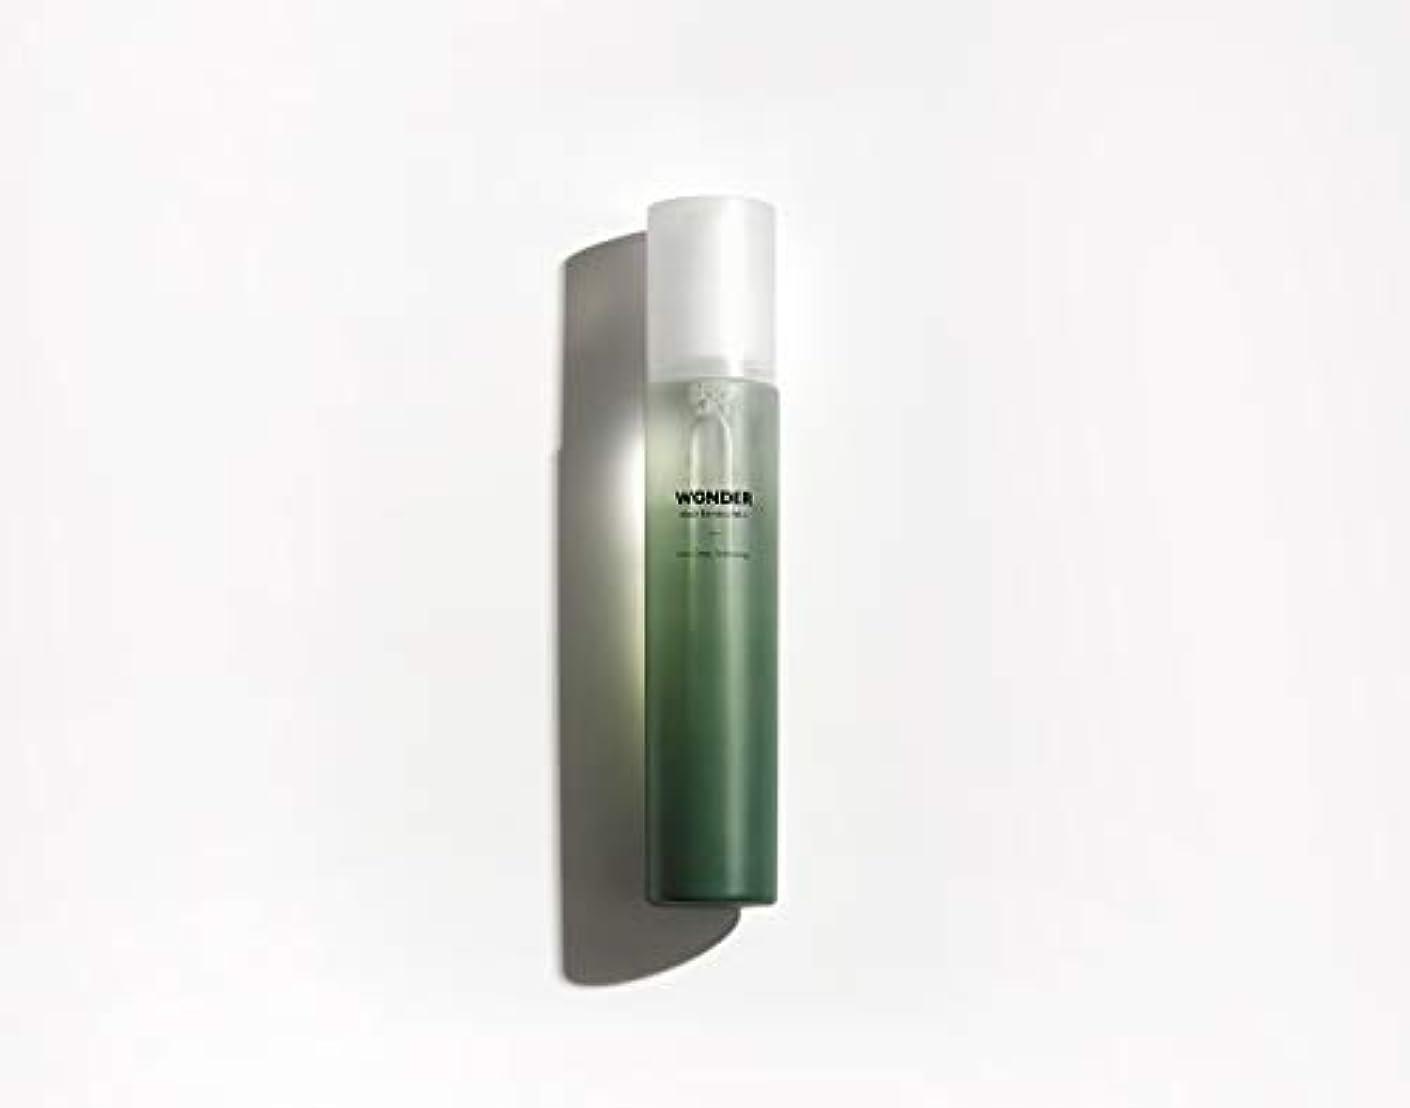 ふくろうとティーム関係するHaruharu(ハルハル) ハルハルワンダー BBミスト 化粧水 6種の天然オイルの香り 150ml